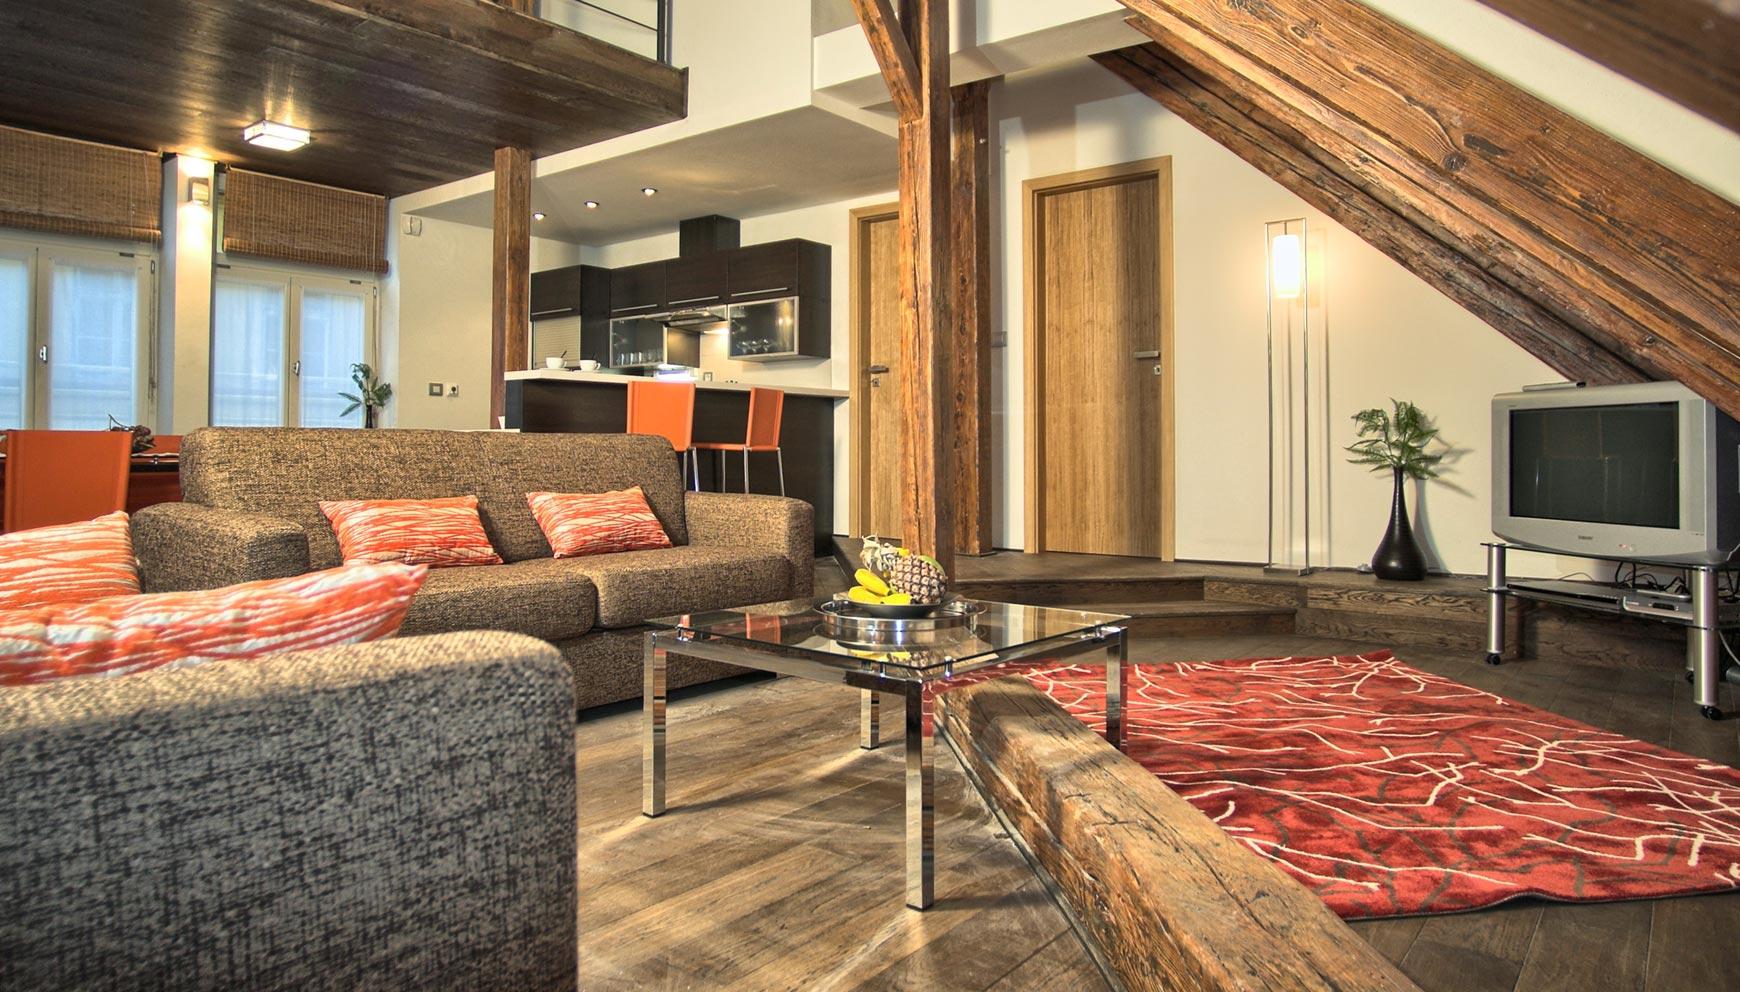 Duplex Apartment Interior Design Ideas. David Collins Living Room ...